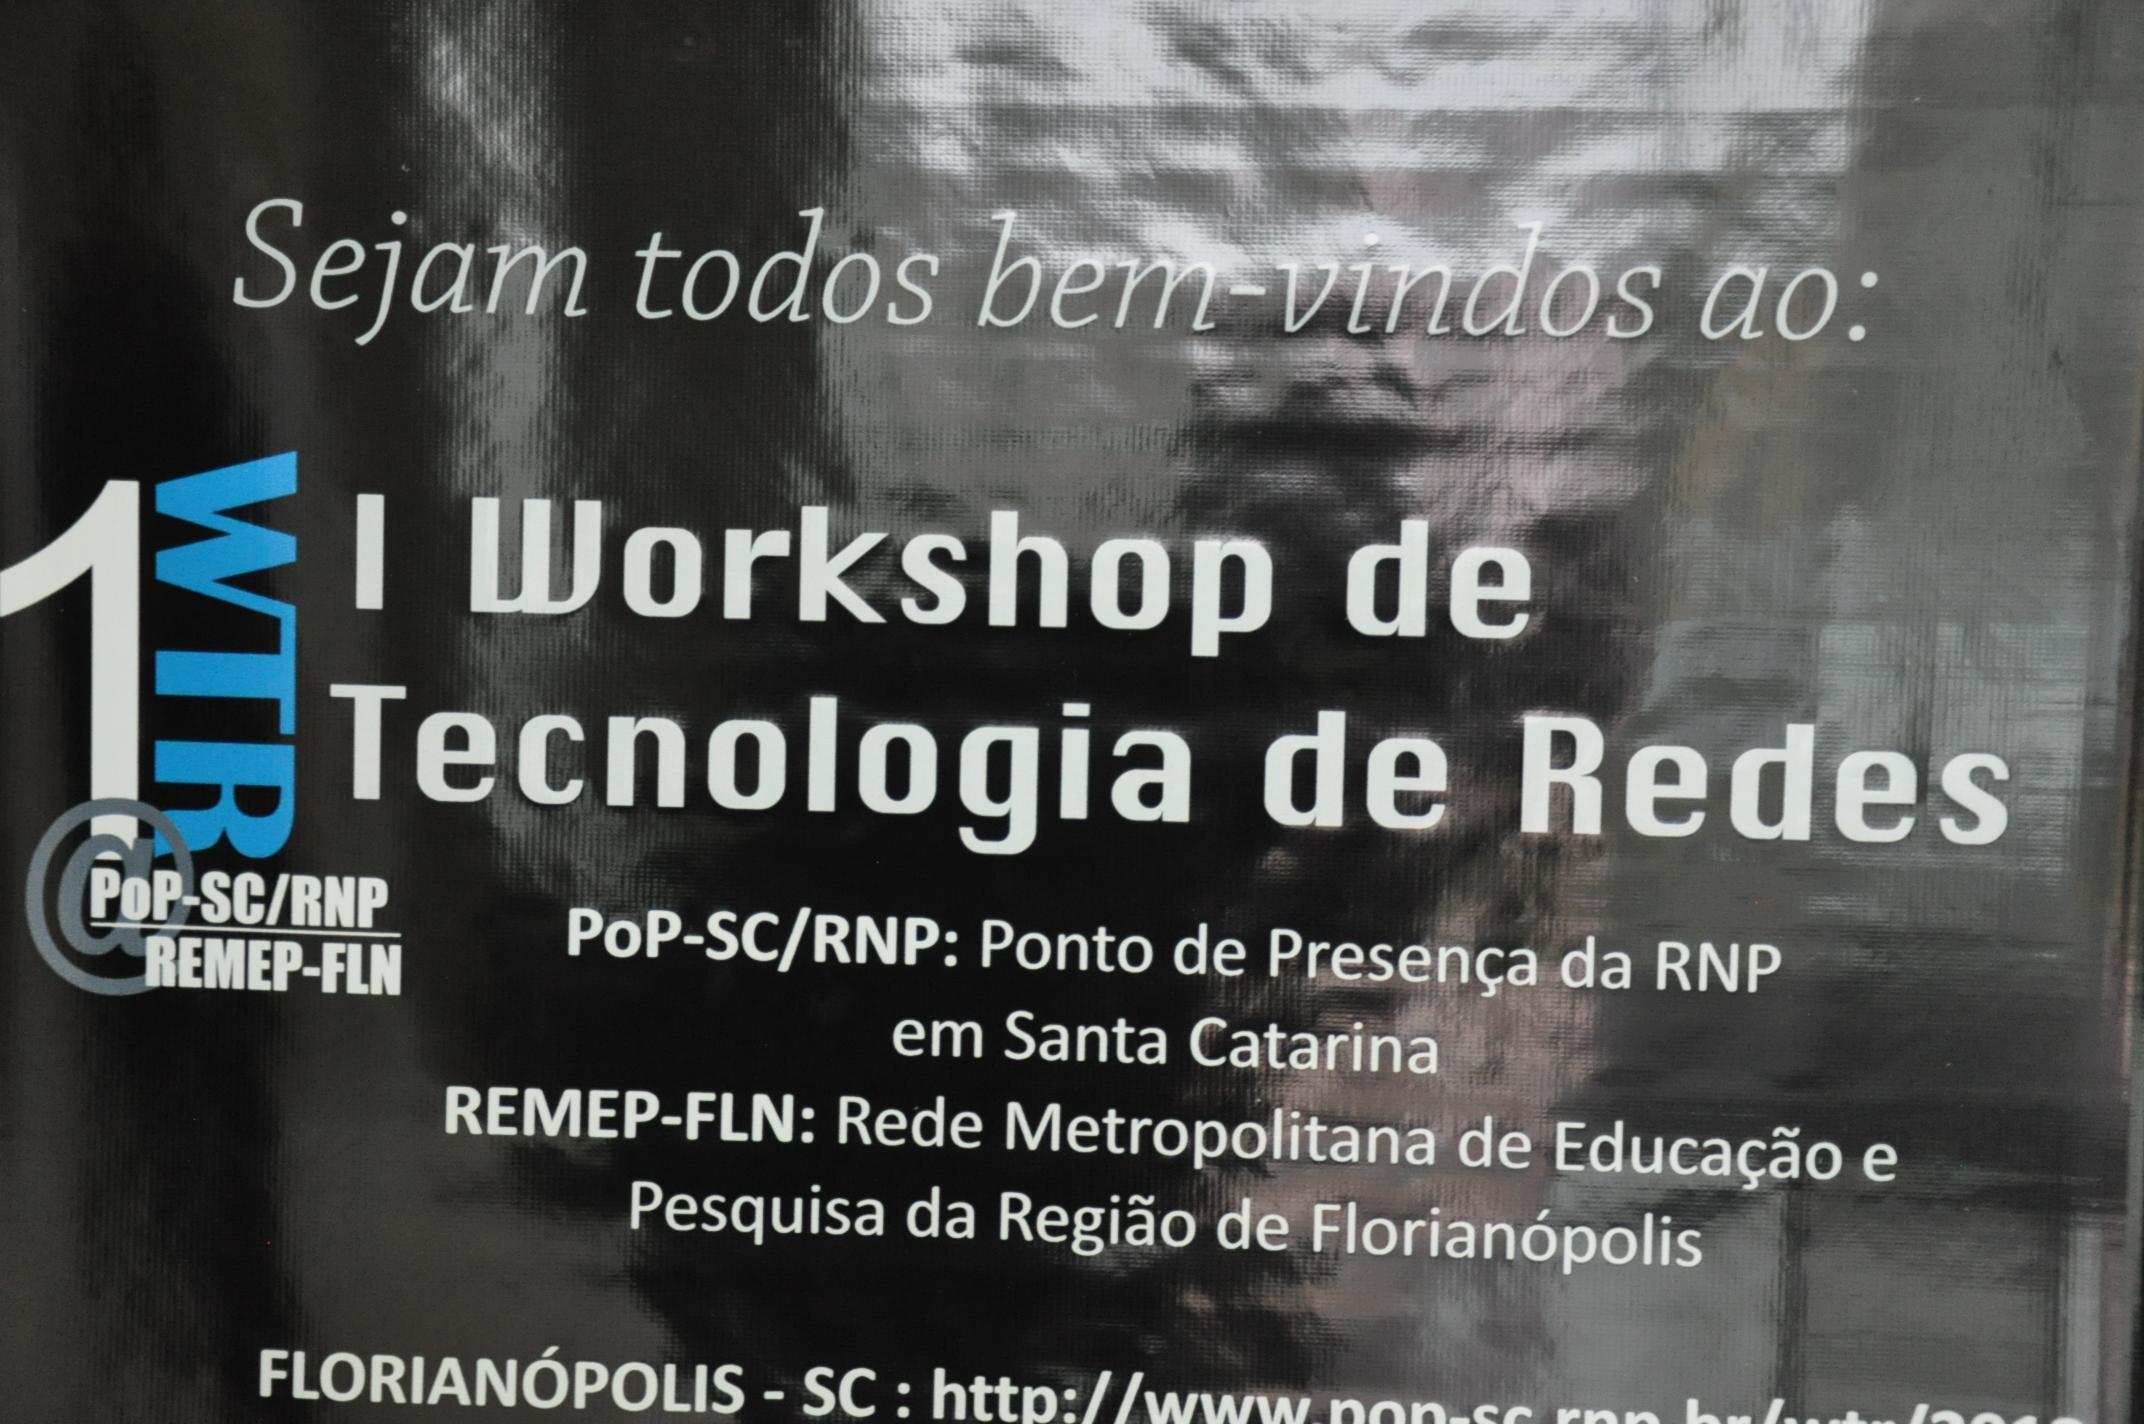 Banner do 1 WTR PoP-SC/REMEP-FLN